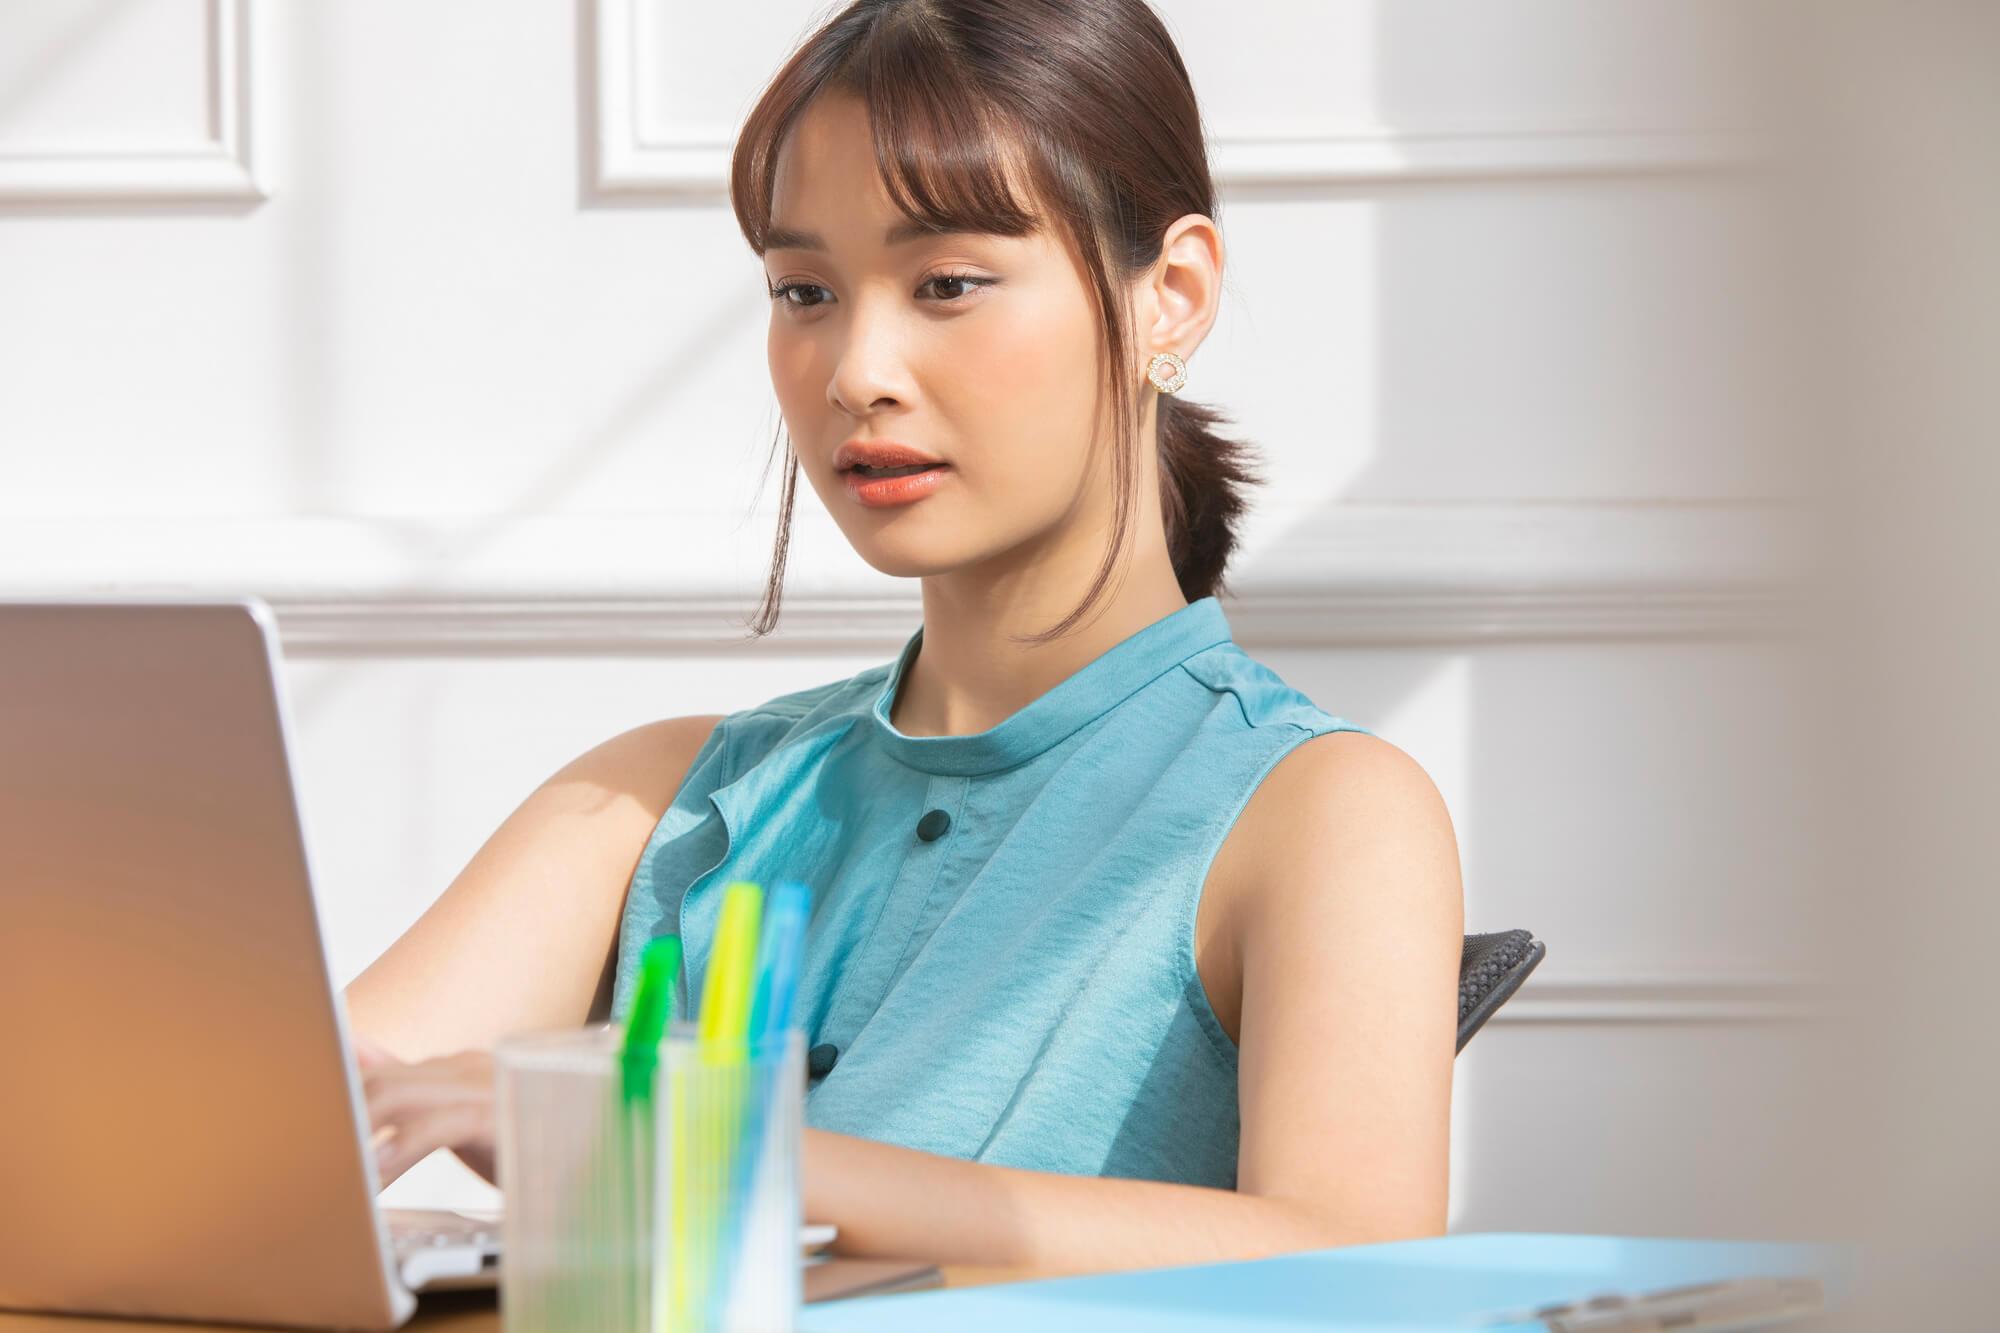 仕事中にも関わらずネット閲覧をしてしまうネット依存症の女性